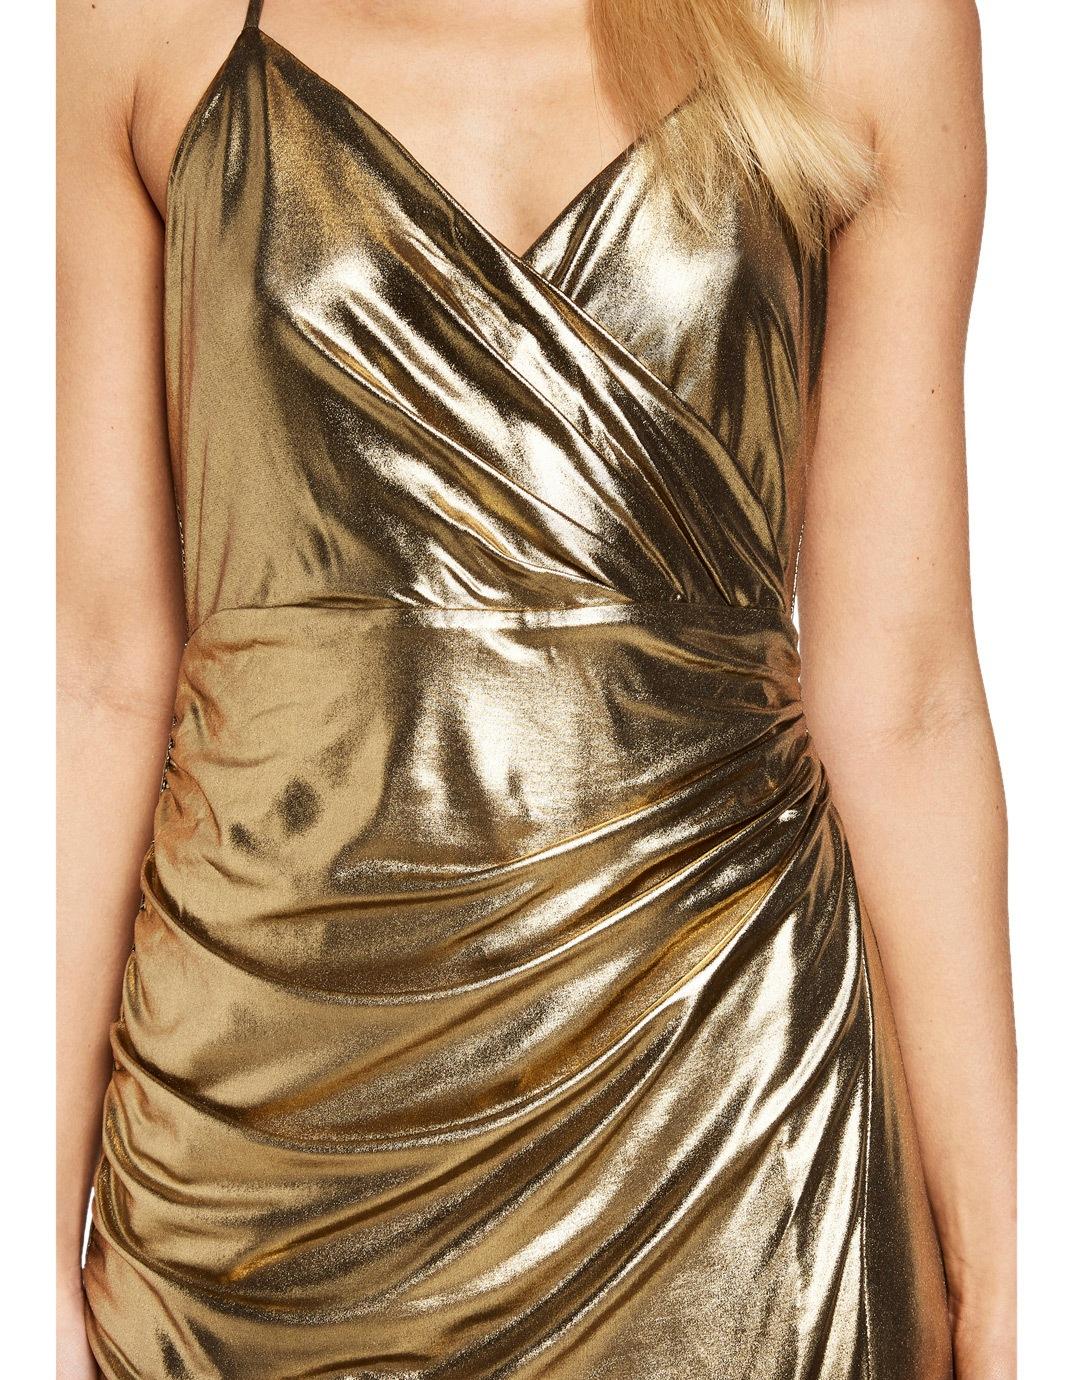 Deeva Clothing Online